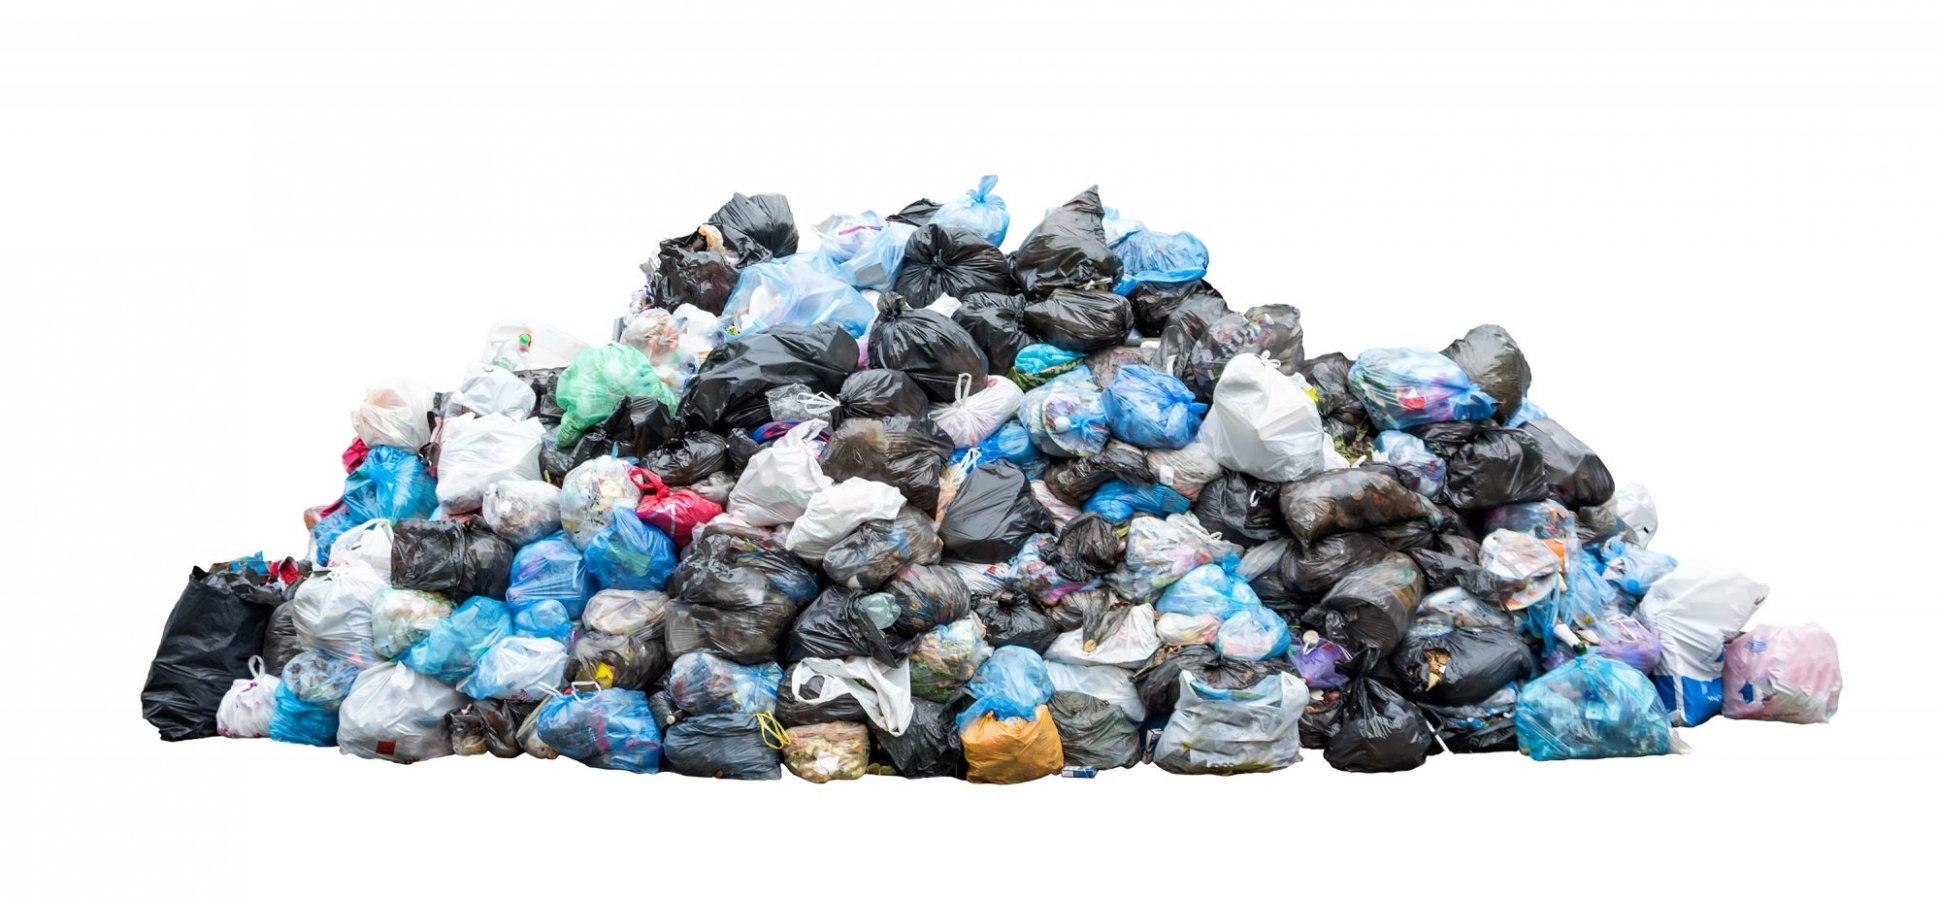 8 Ways to Reduce Waste